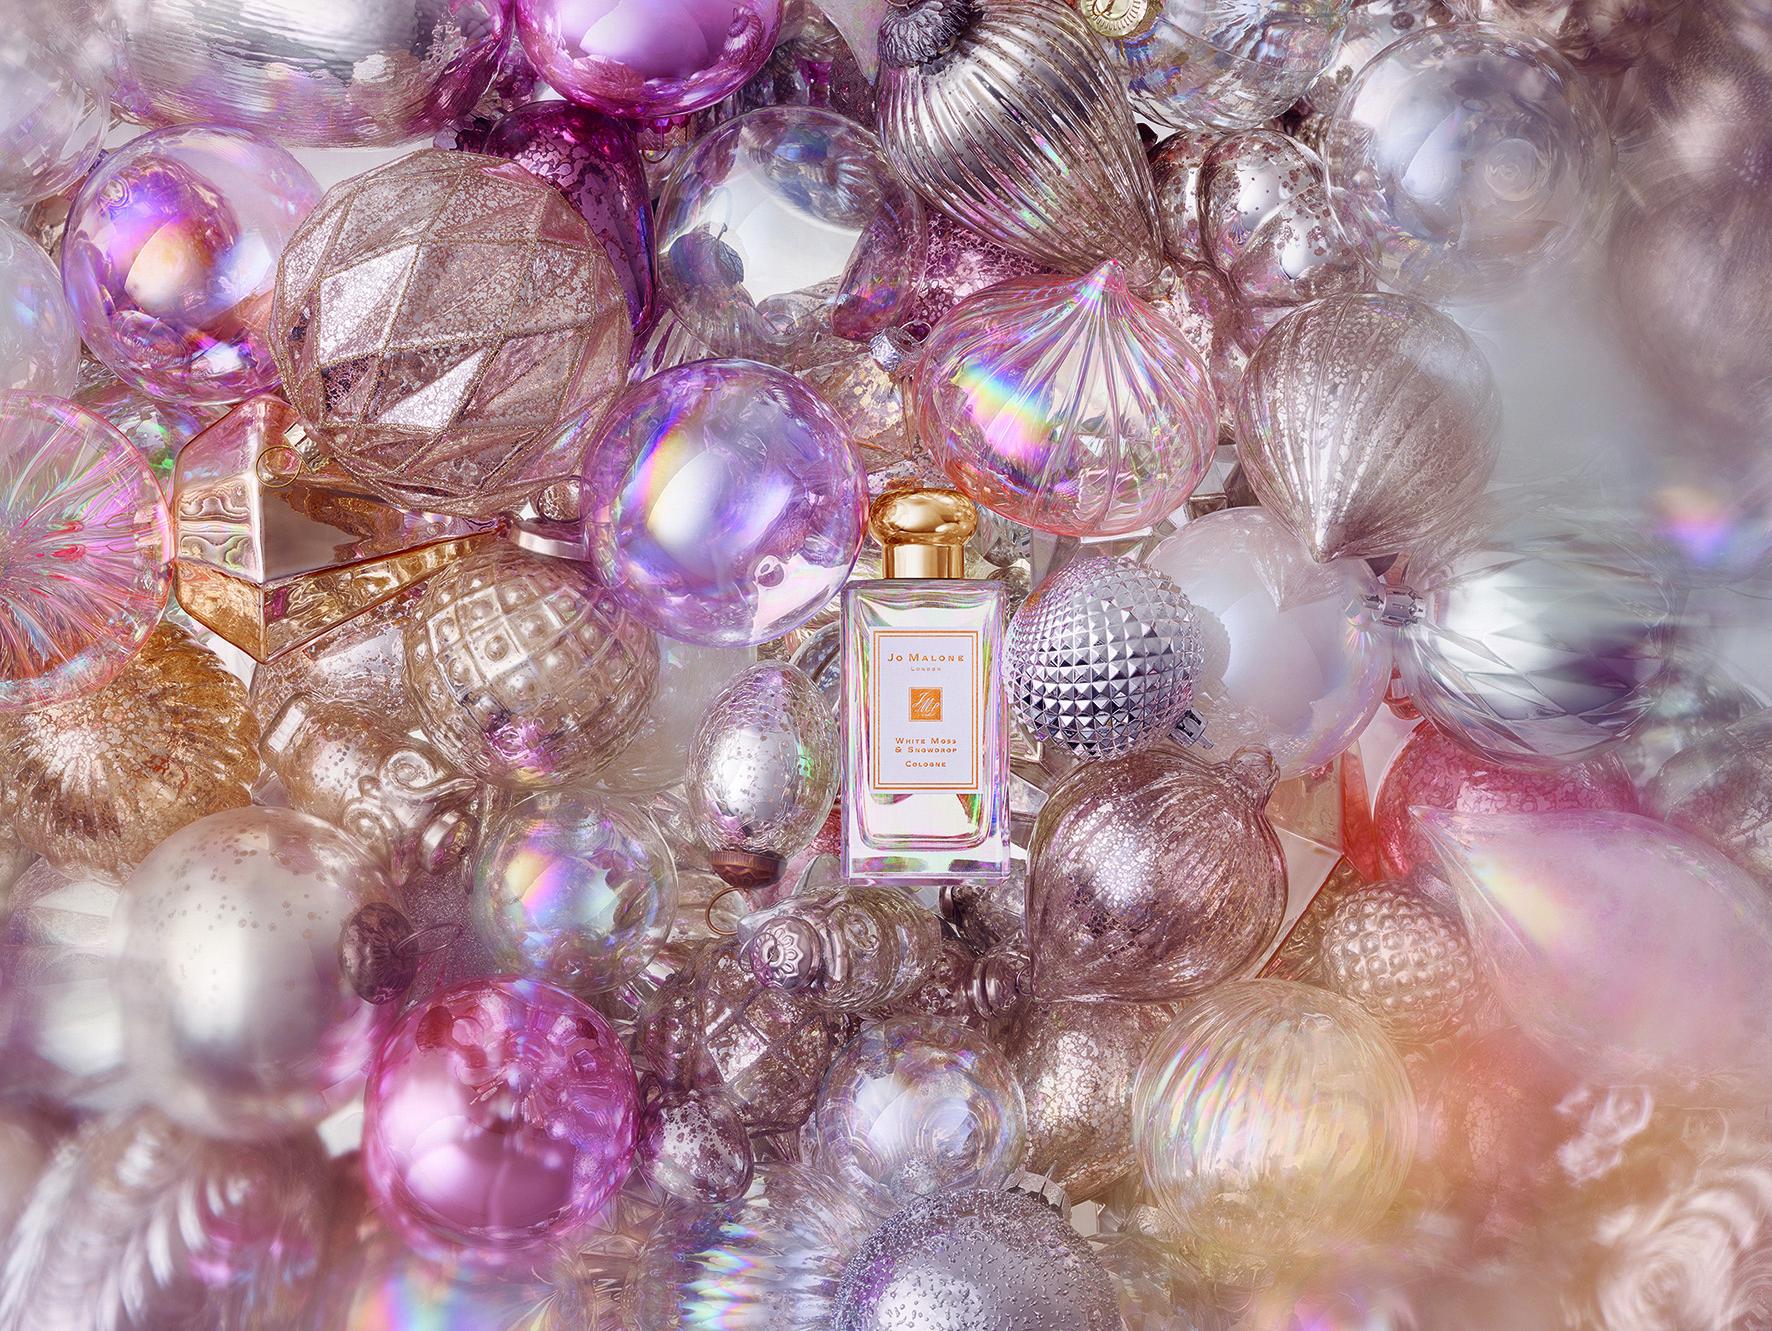 Λατρεύουμε το νέο άρωμα της Jo Malone και για τη μυρωδιά και για το μπουκάλι του! | tlife.gr